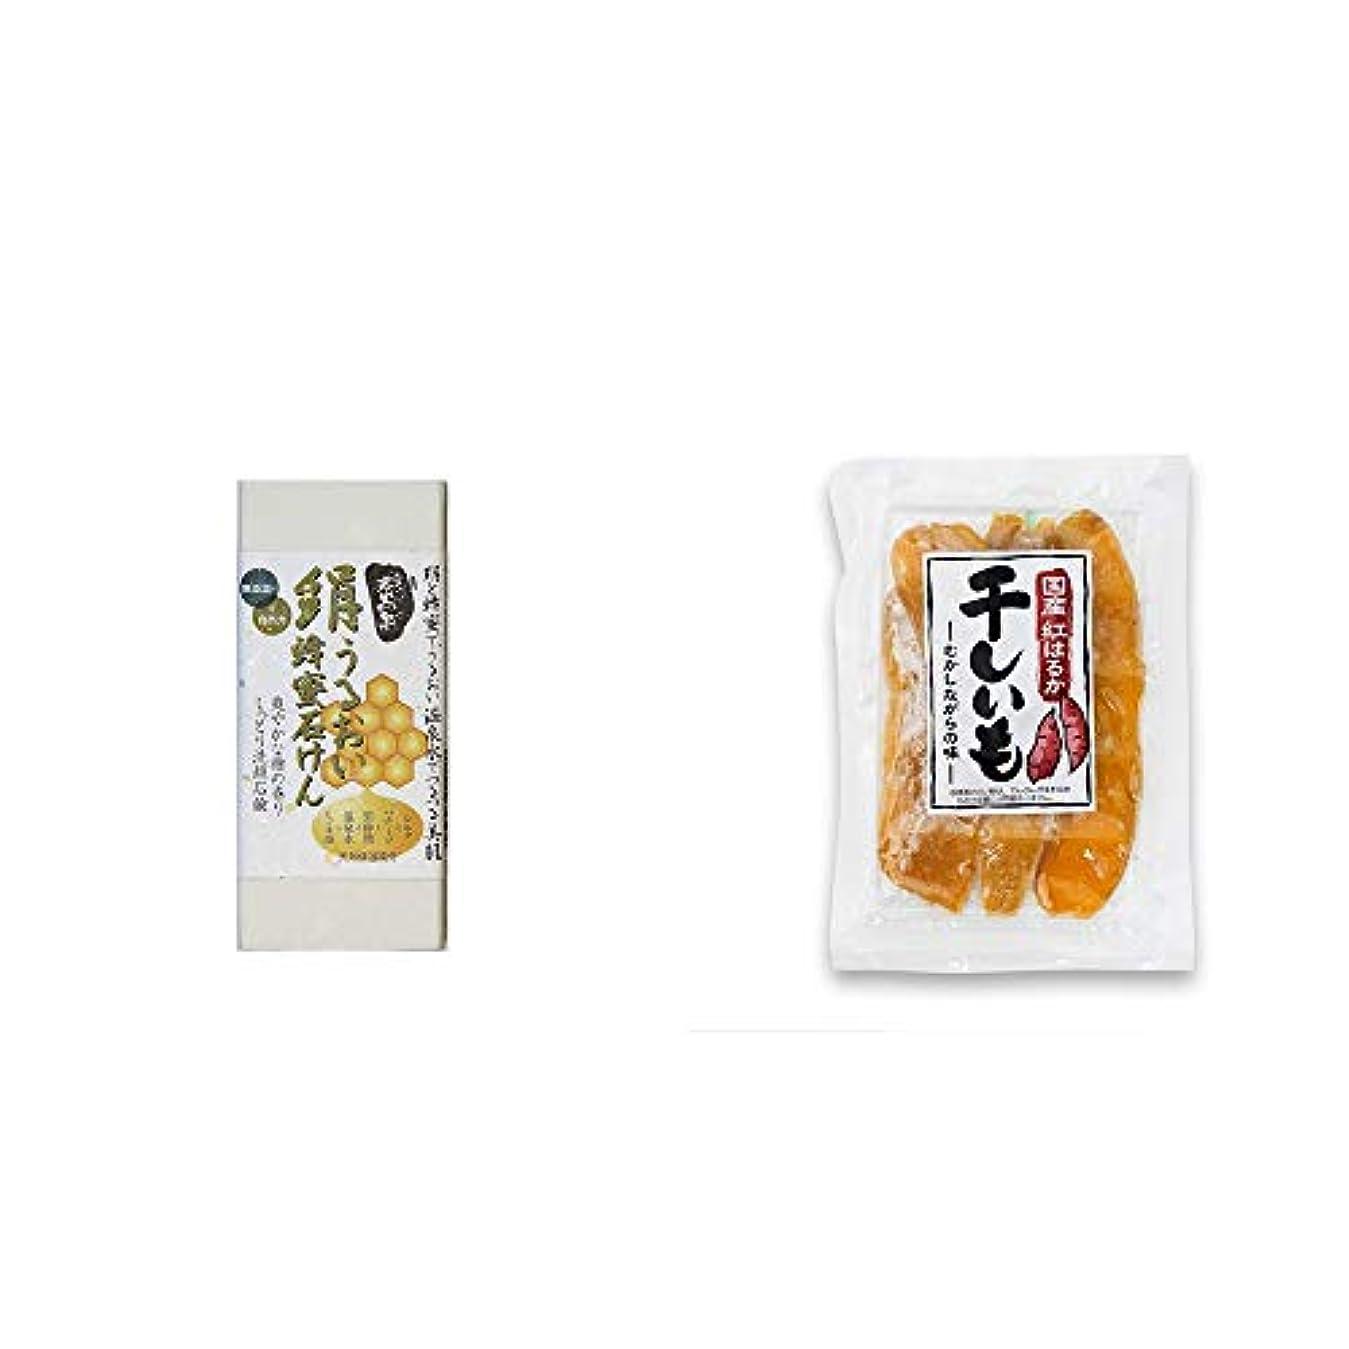 家畜やさしい右[2点セット] ひのき炭黒泉 絹うるおい蜂蜜石けん(75g×2)?国産 紅はるか 干しいも(140g)